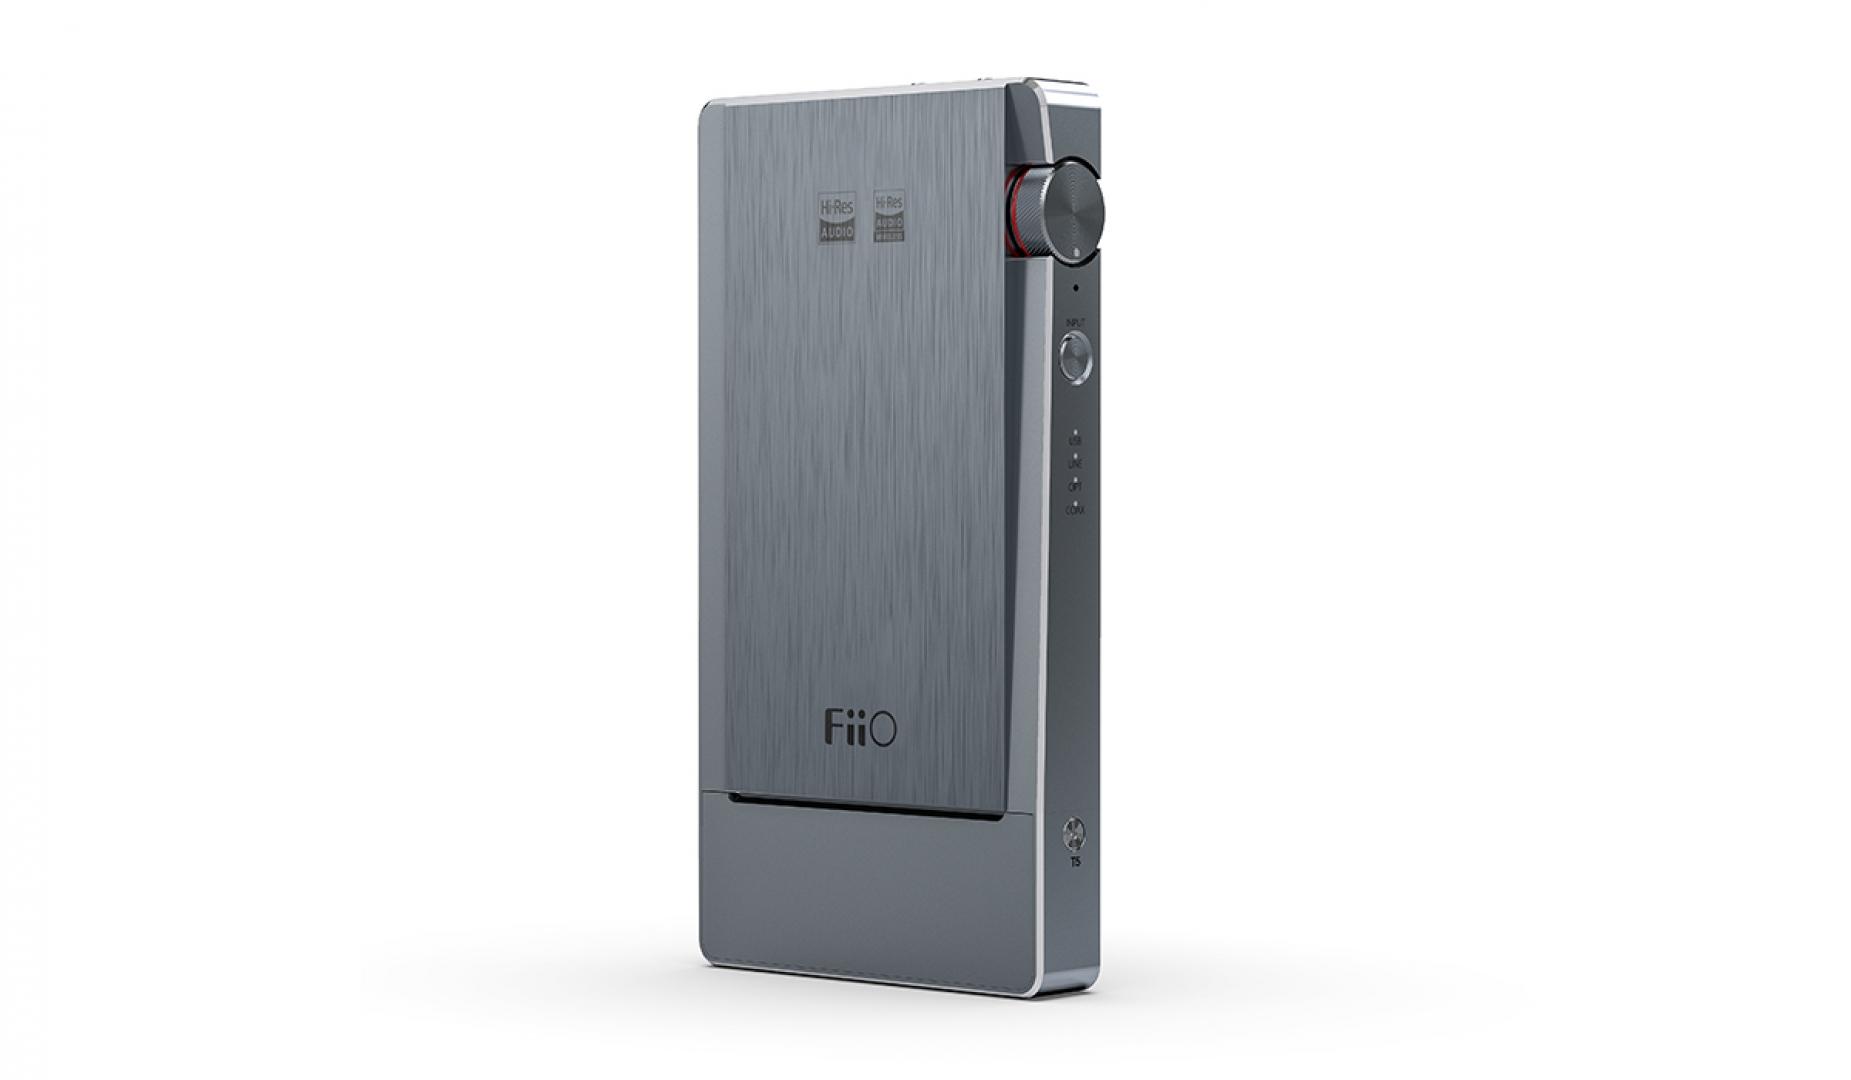 Dac/Amp Portable Fiio Q5s Type C 2020